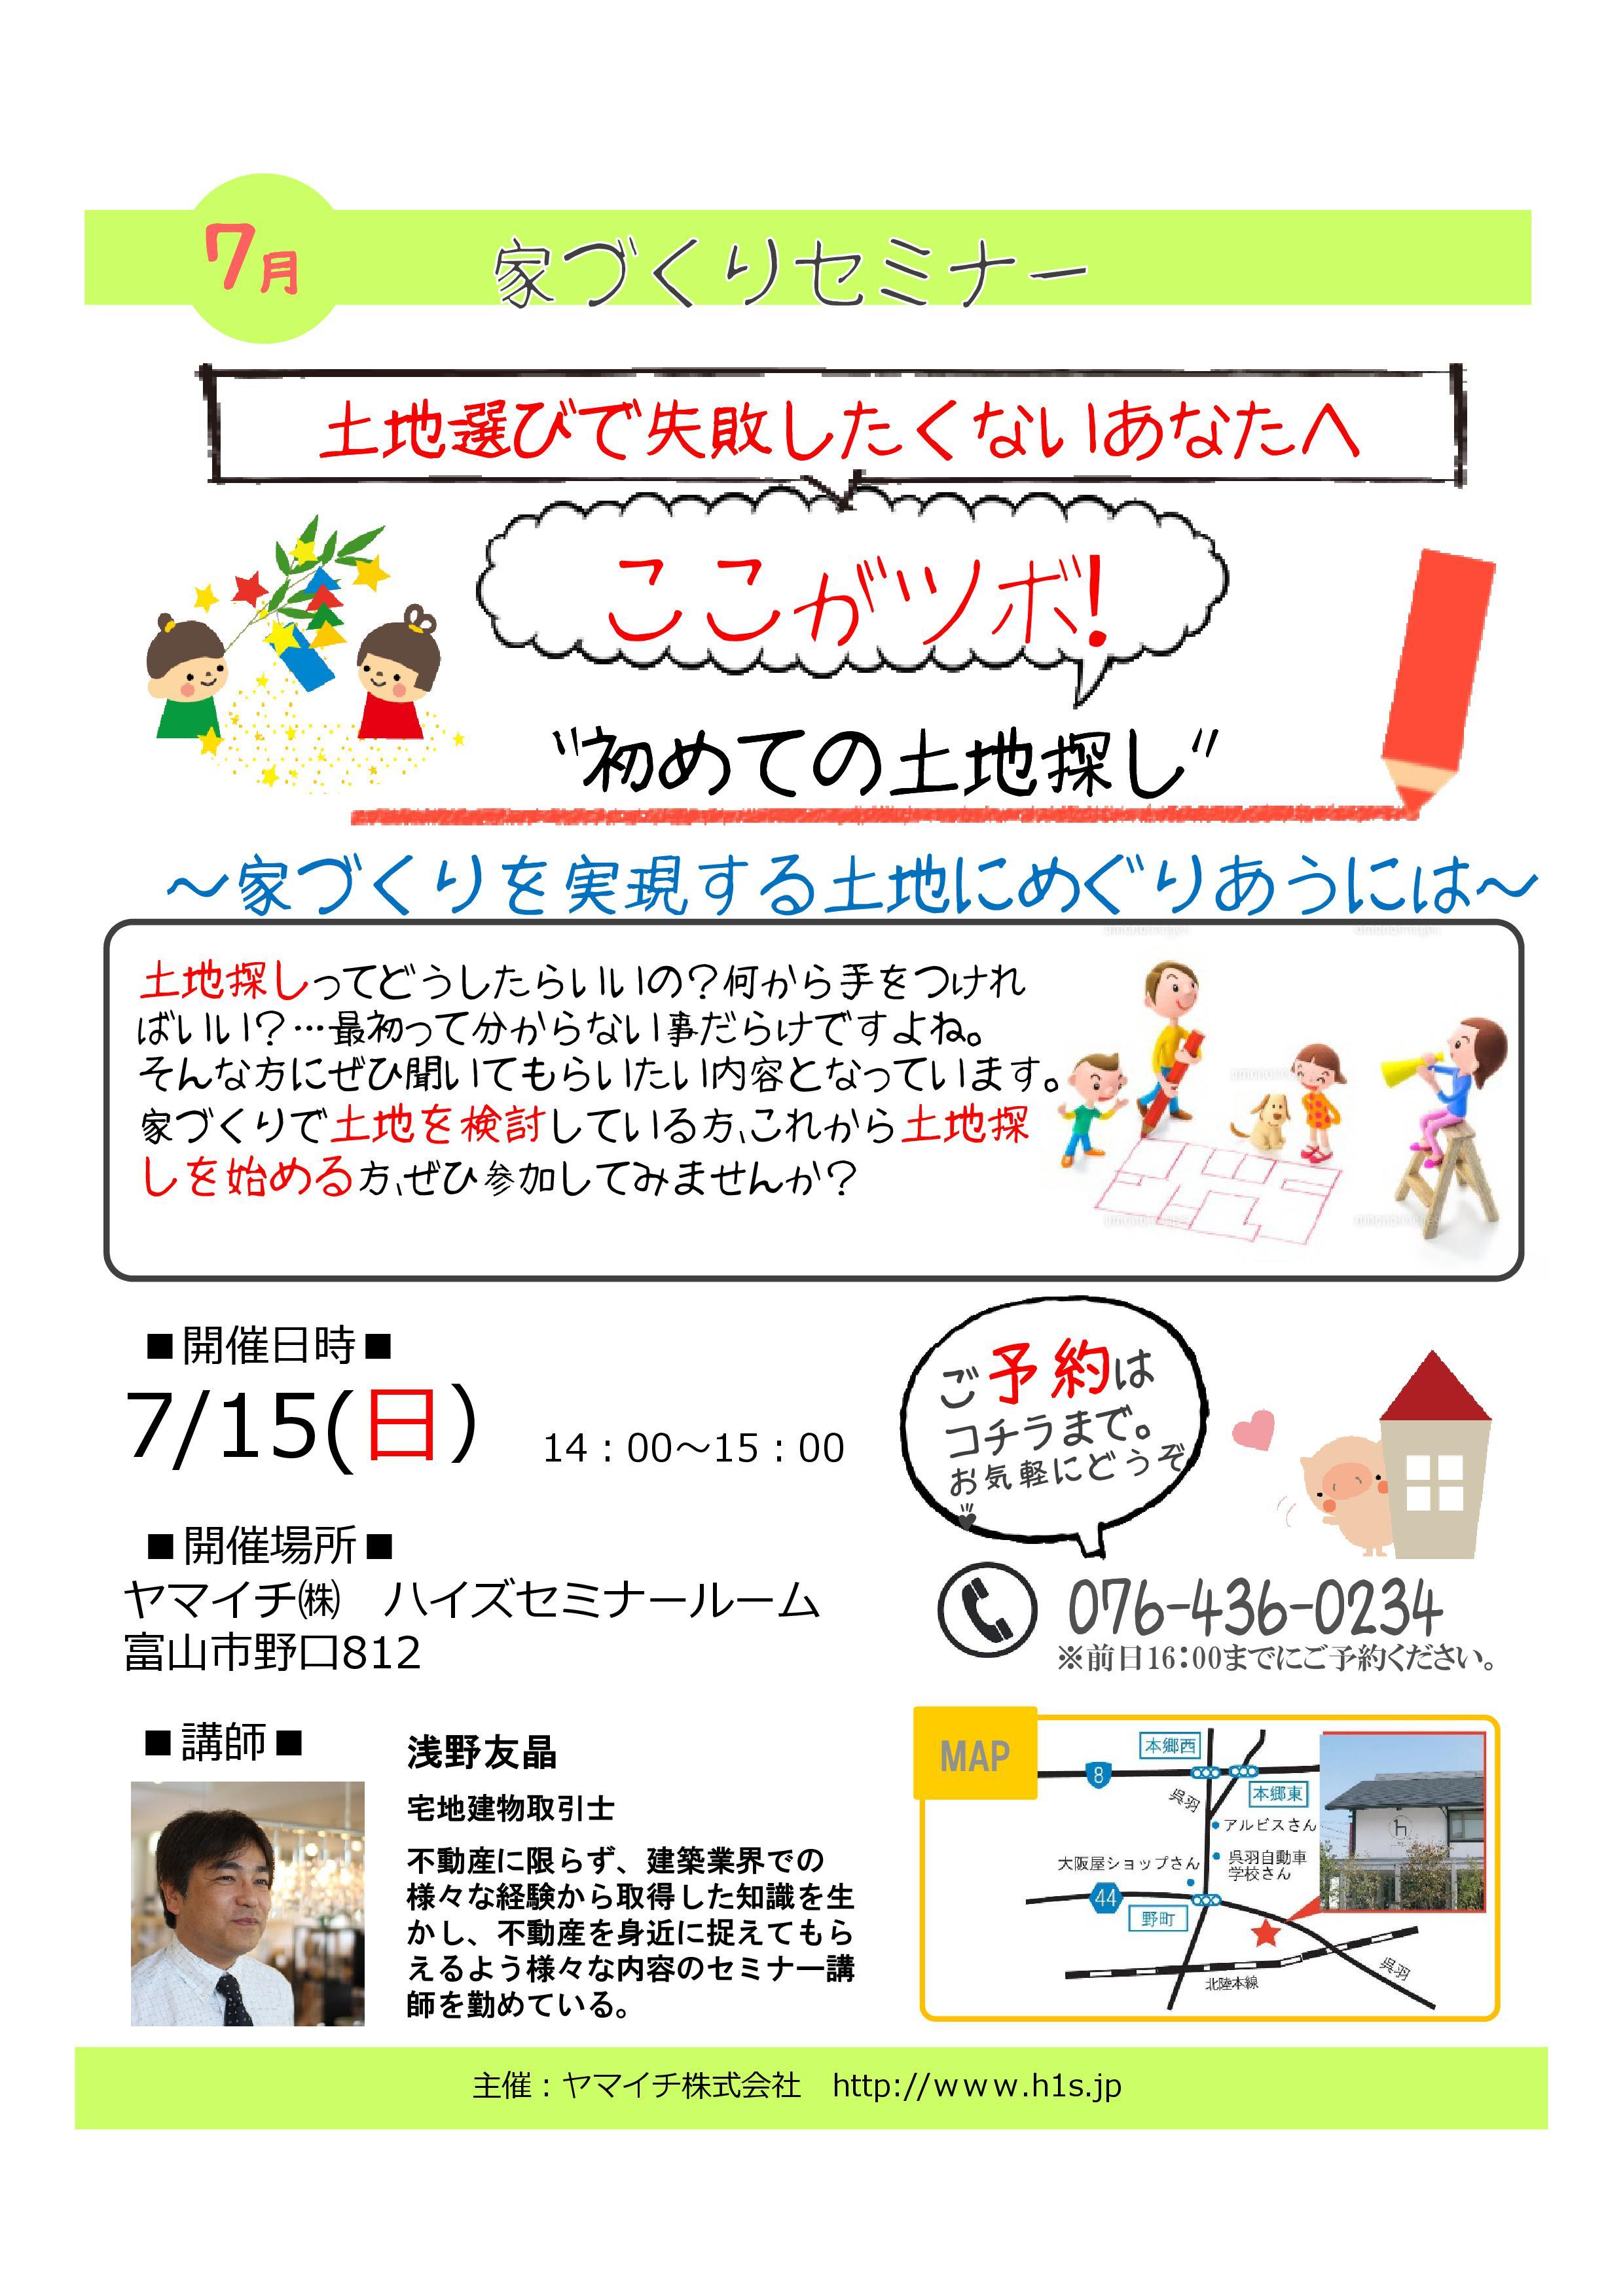 【セミナー】7/15(日)「初めての土地探し」